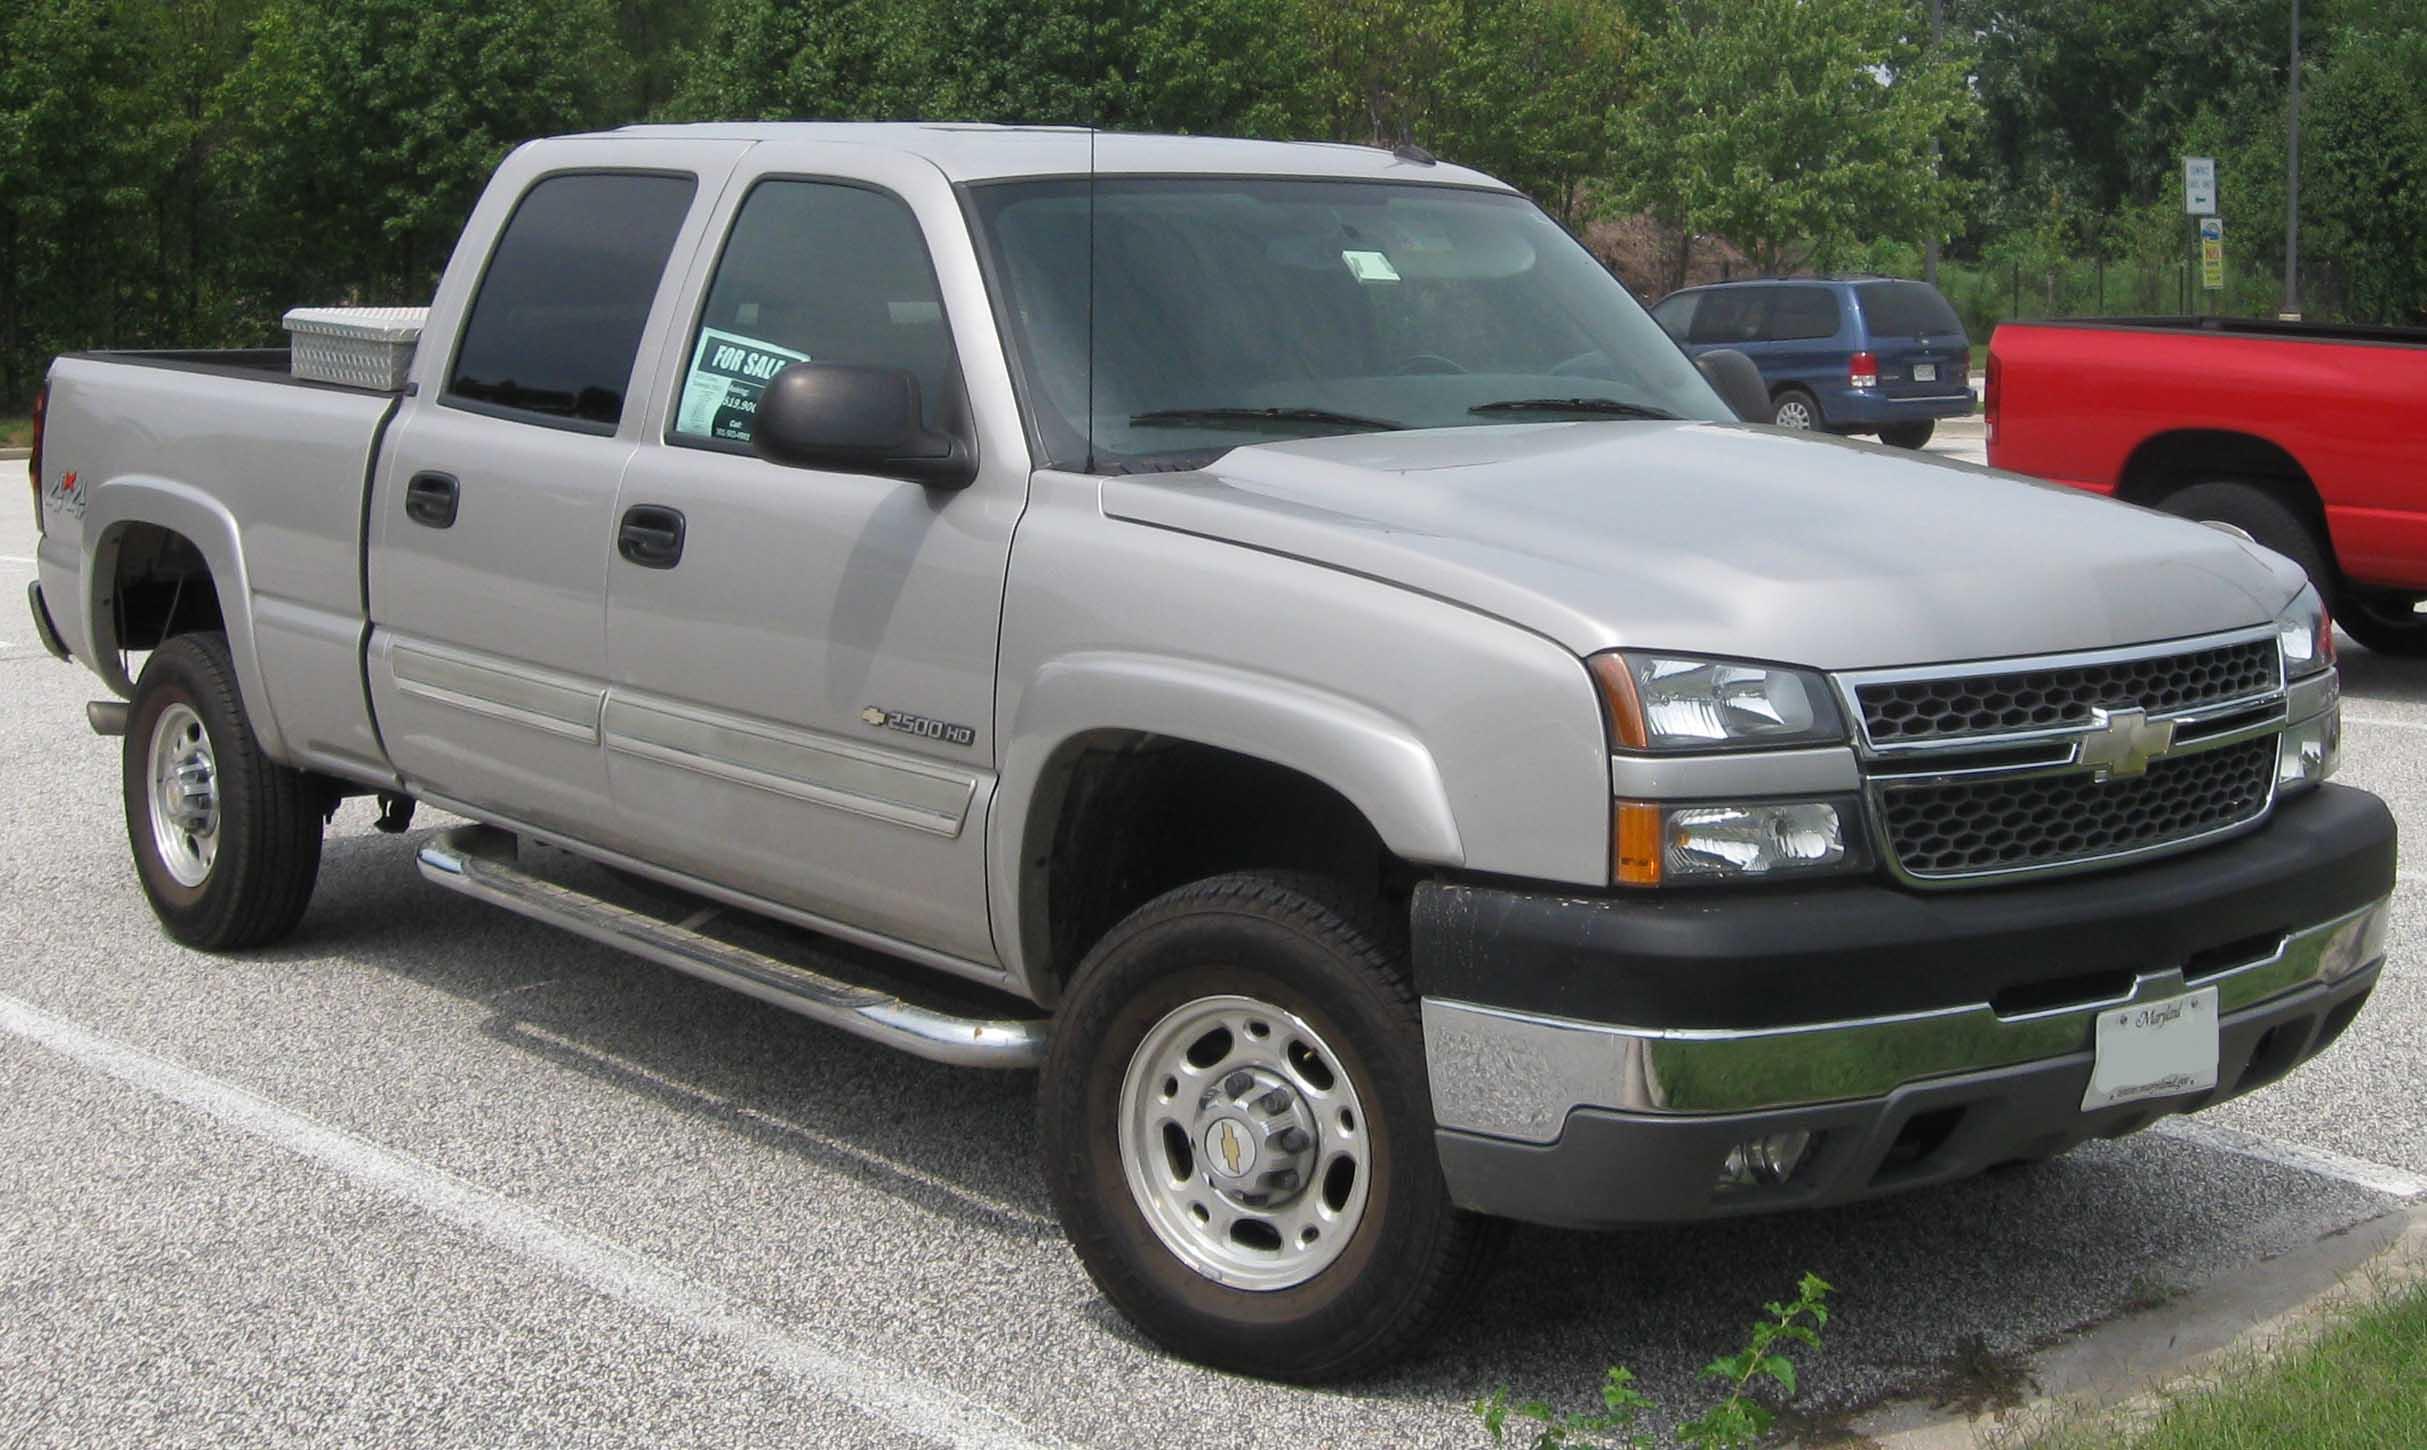 silverado hd sale truck for used chevrolet